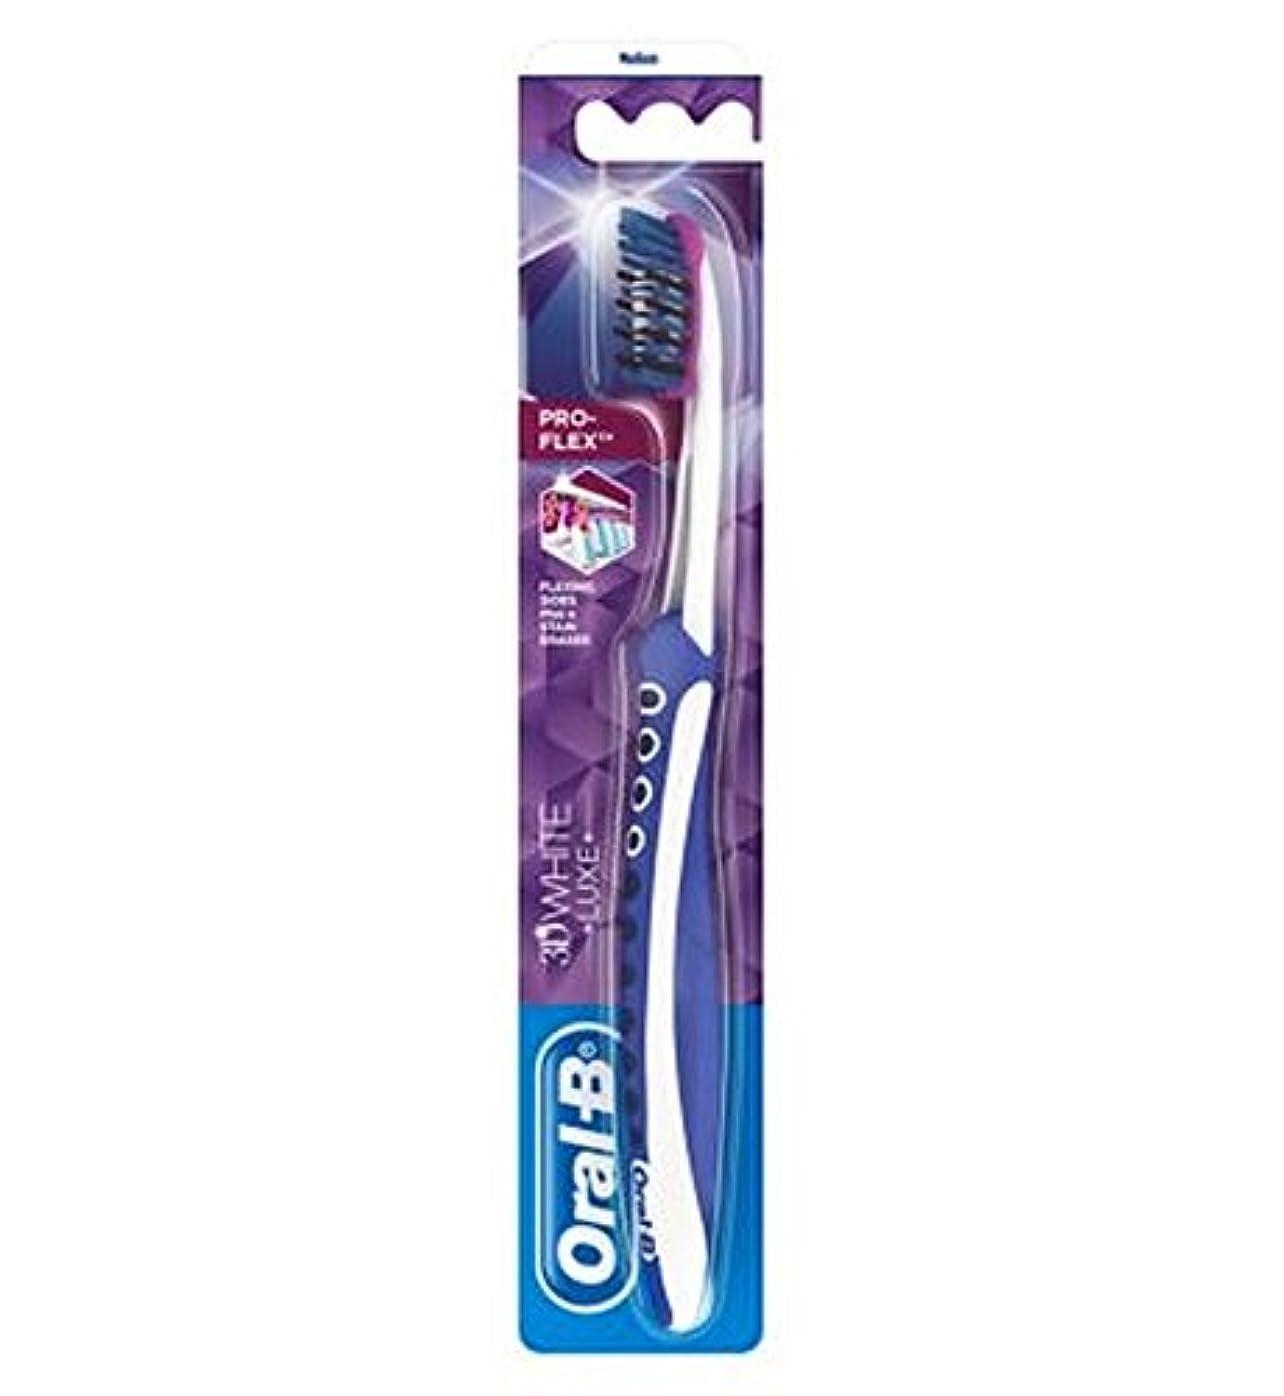 時間厳守座るあまりにもオーラルB手動歯ブラシ3Dwhiteリュクスプロフレックスメディア (Oral B) (x2) - Oral-B Manual Toothbrush 3DWhite Luxe Pro Flex Medium (Pack...